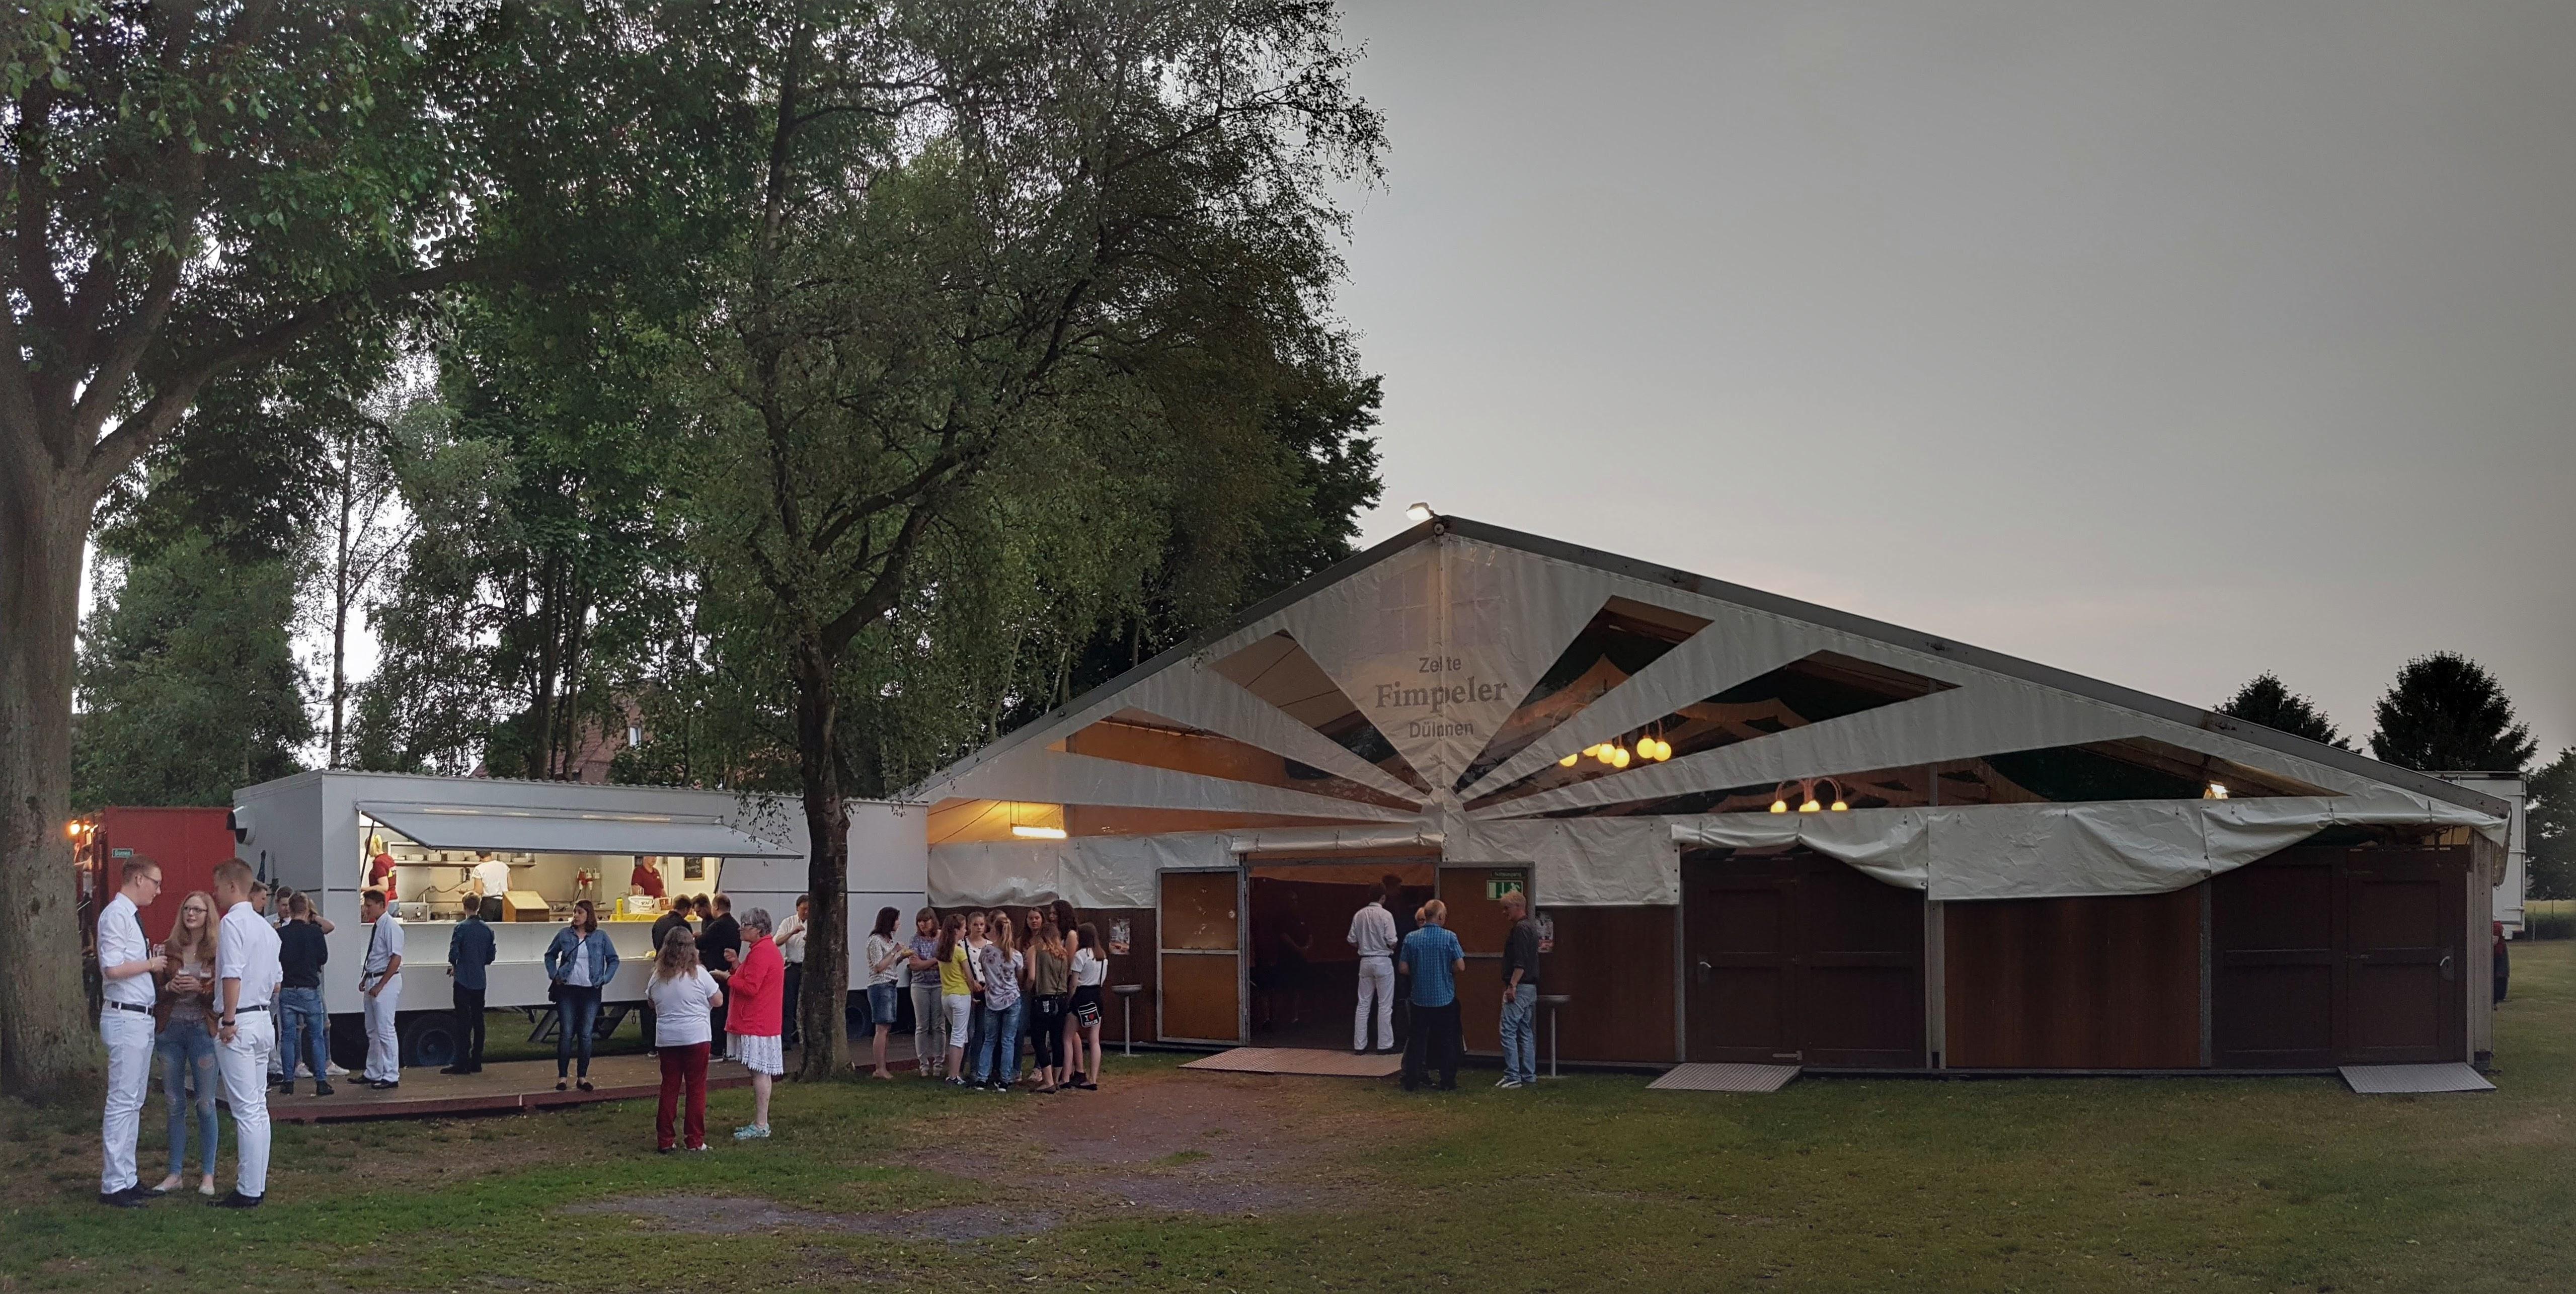 Dernekämper Schützenfest